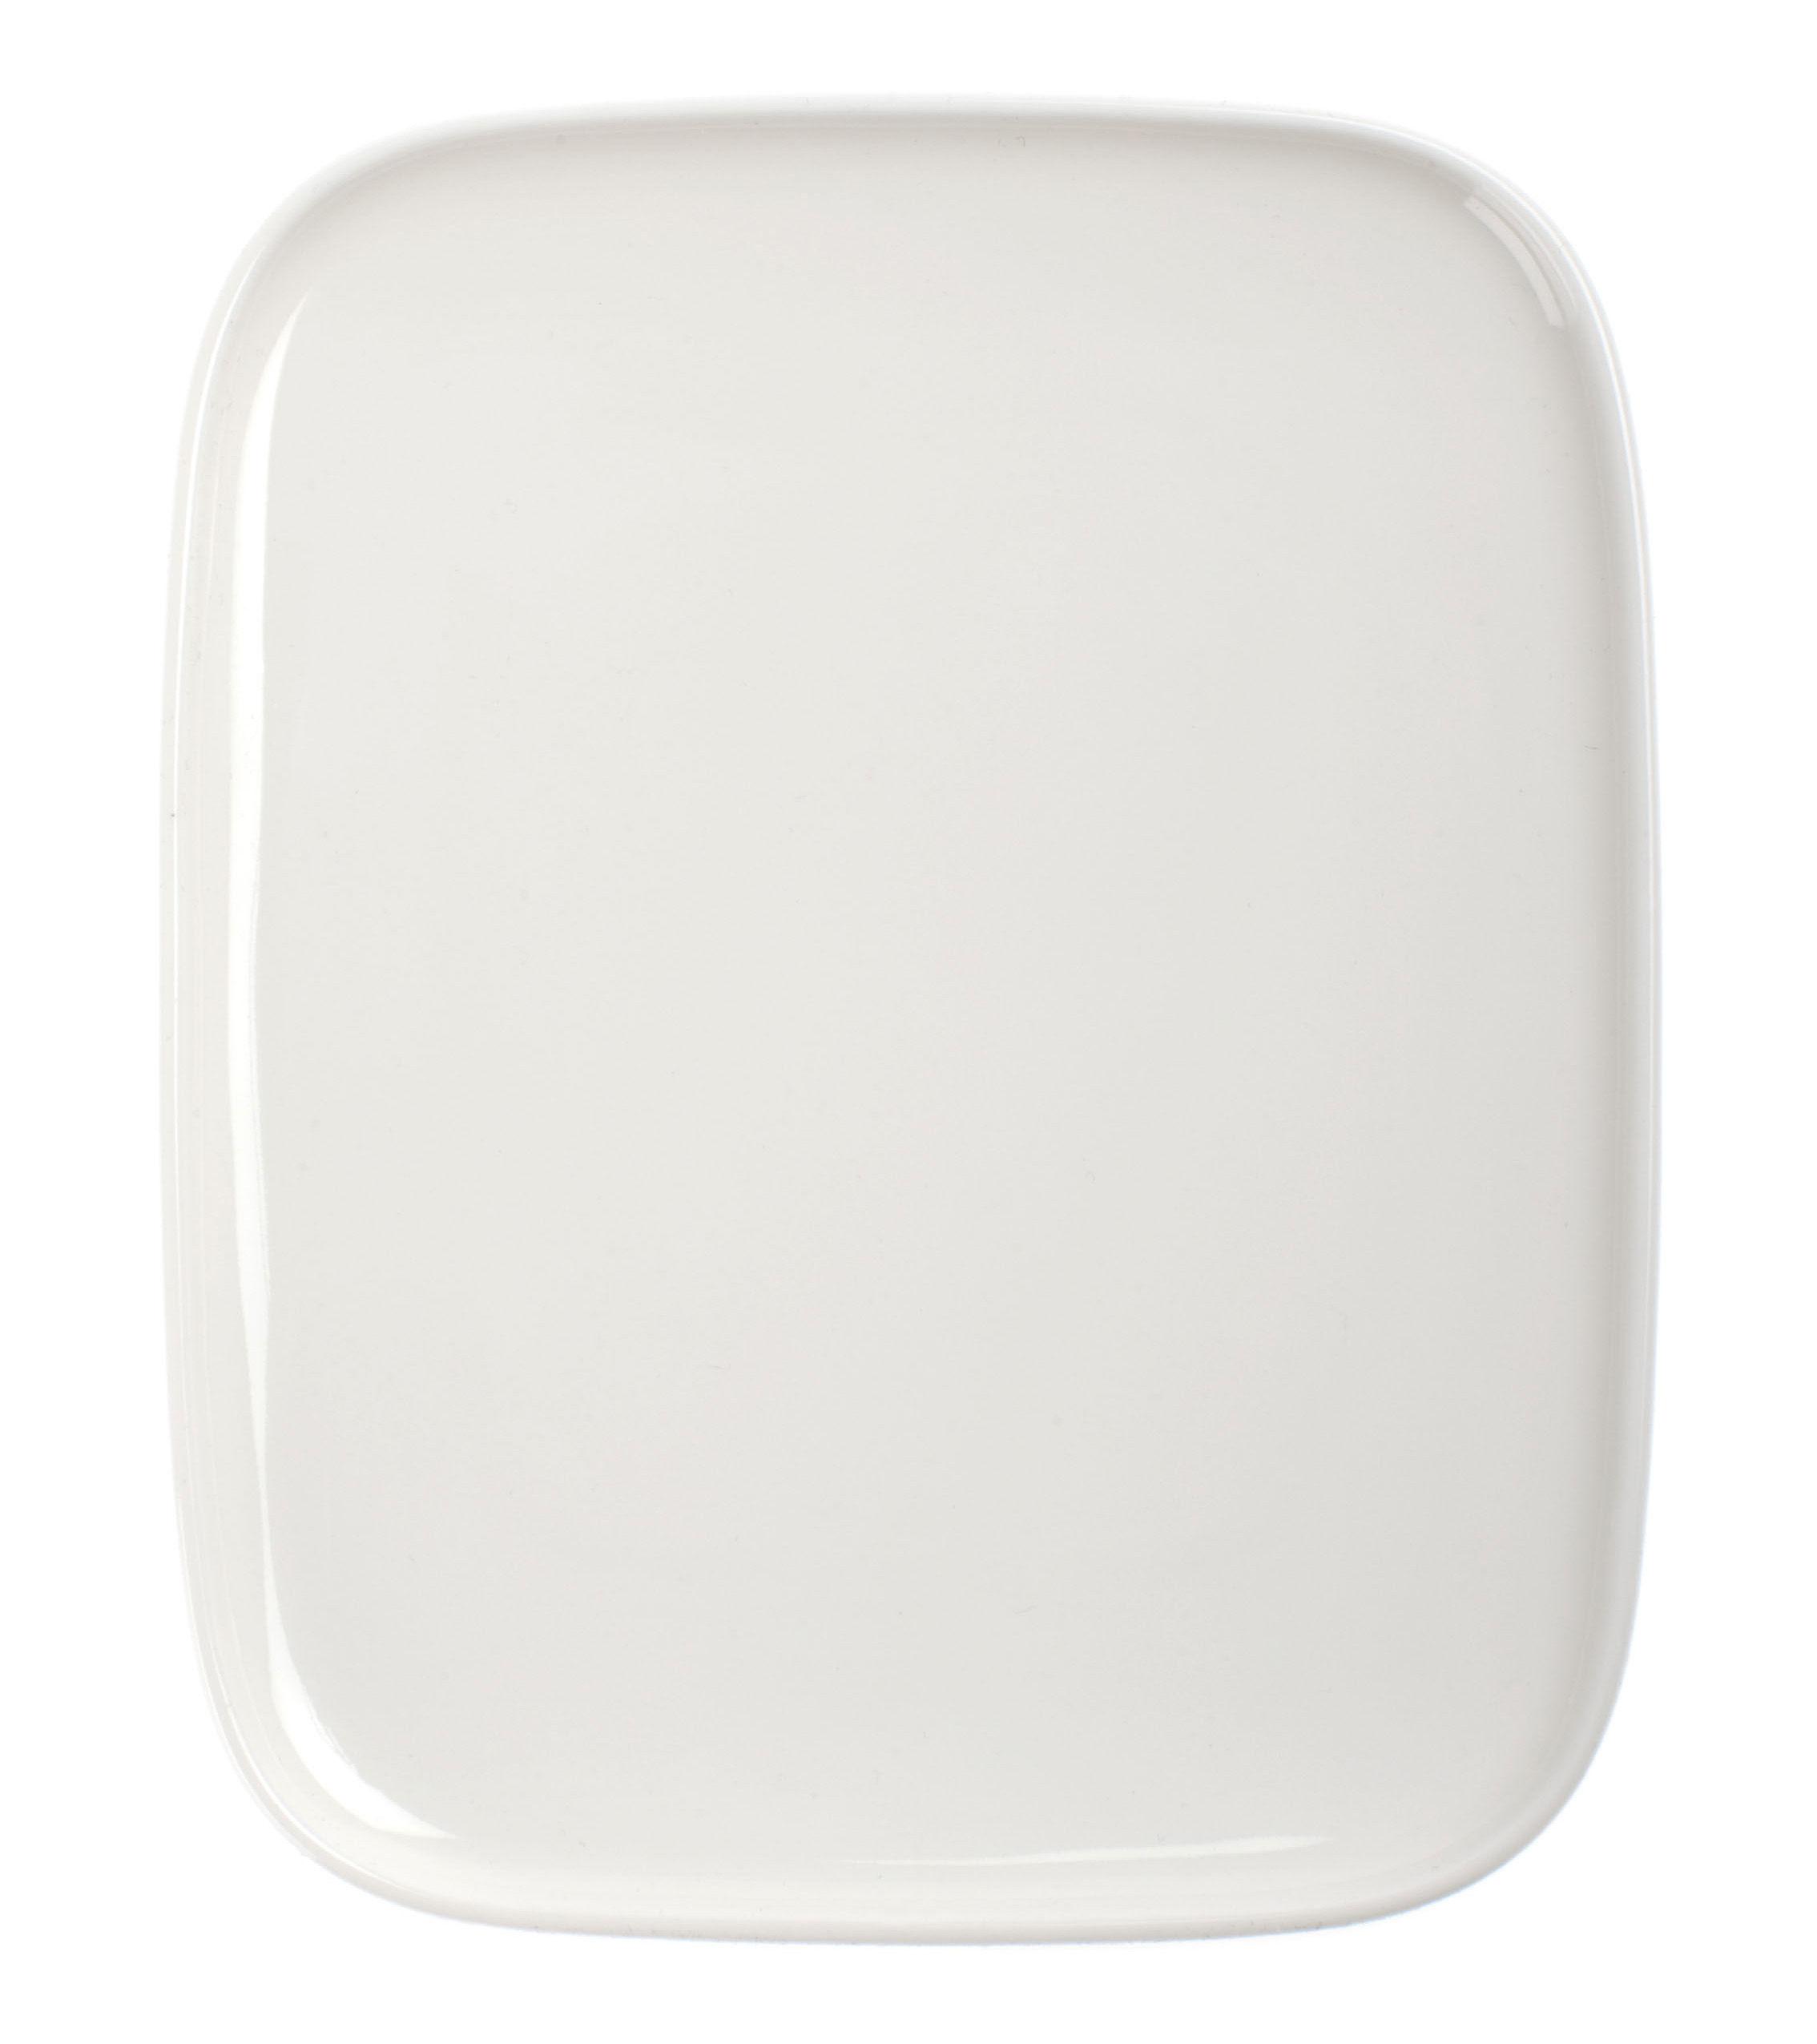 Arts de la table - Assiettes - Assiette à dessert Oiva / 12 x 15 cm - Marimekko - Blanc - Porcelaine émaillée